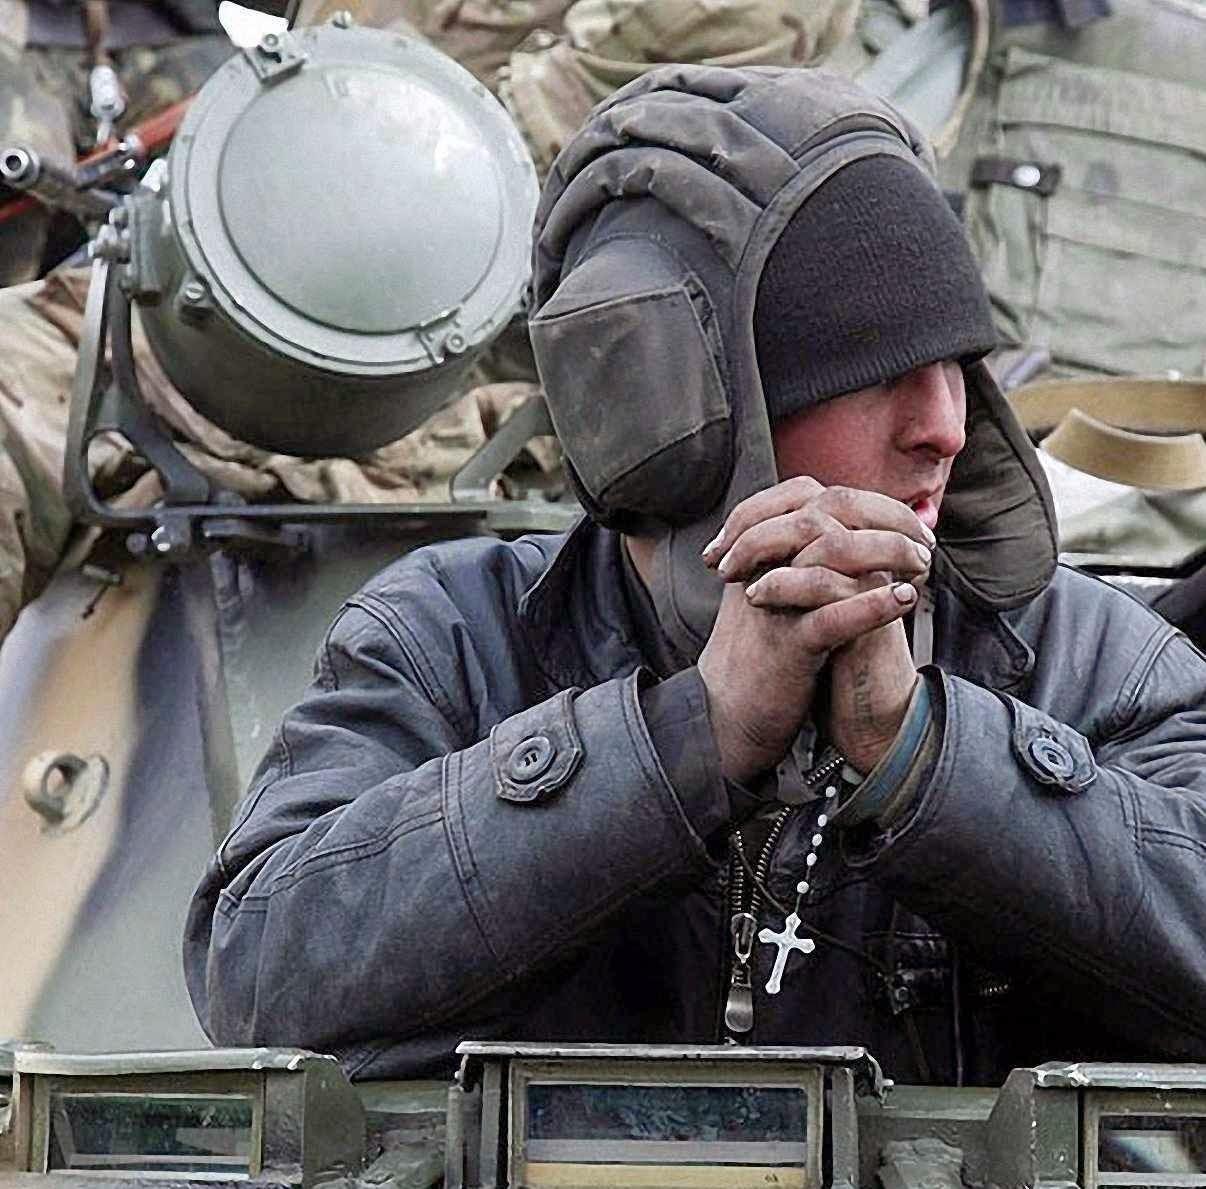 Soldado ucraniano se prepara para o combate em Kramatorsk